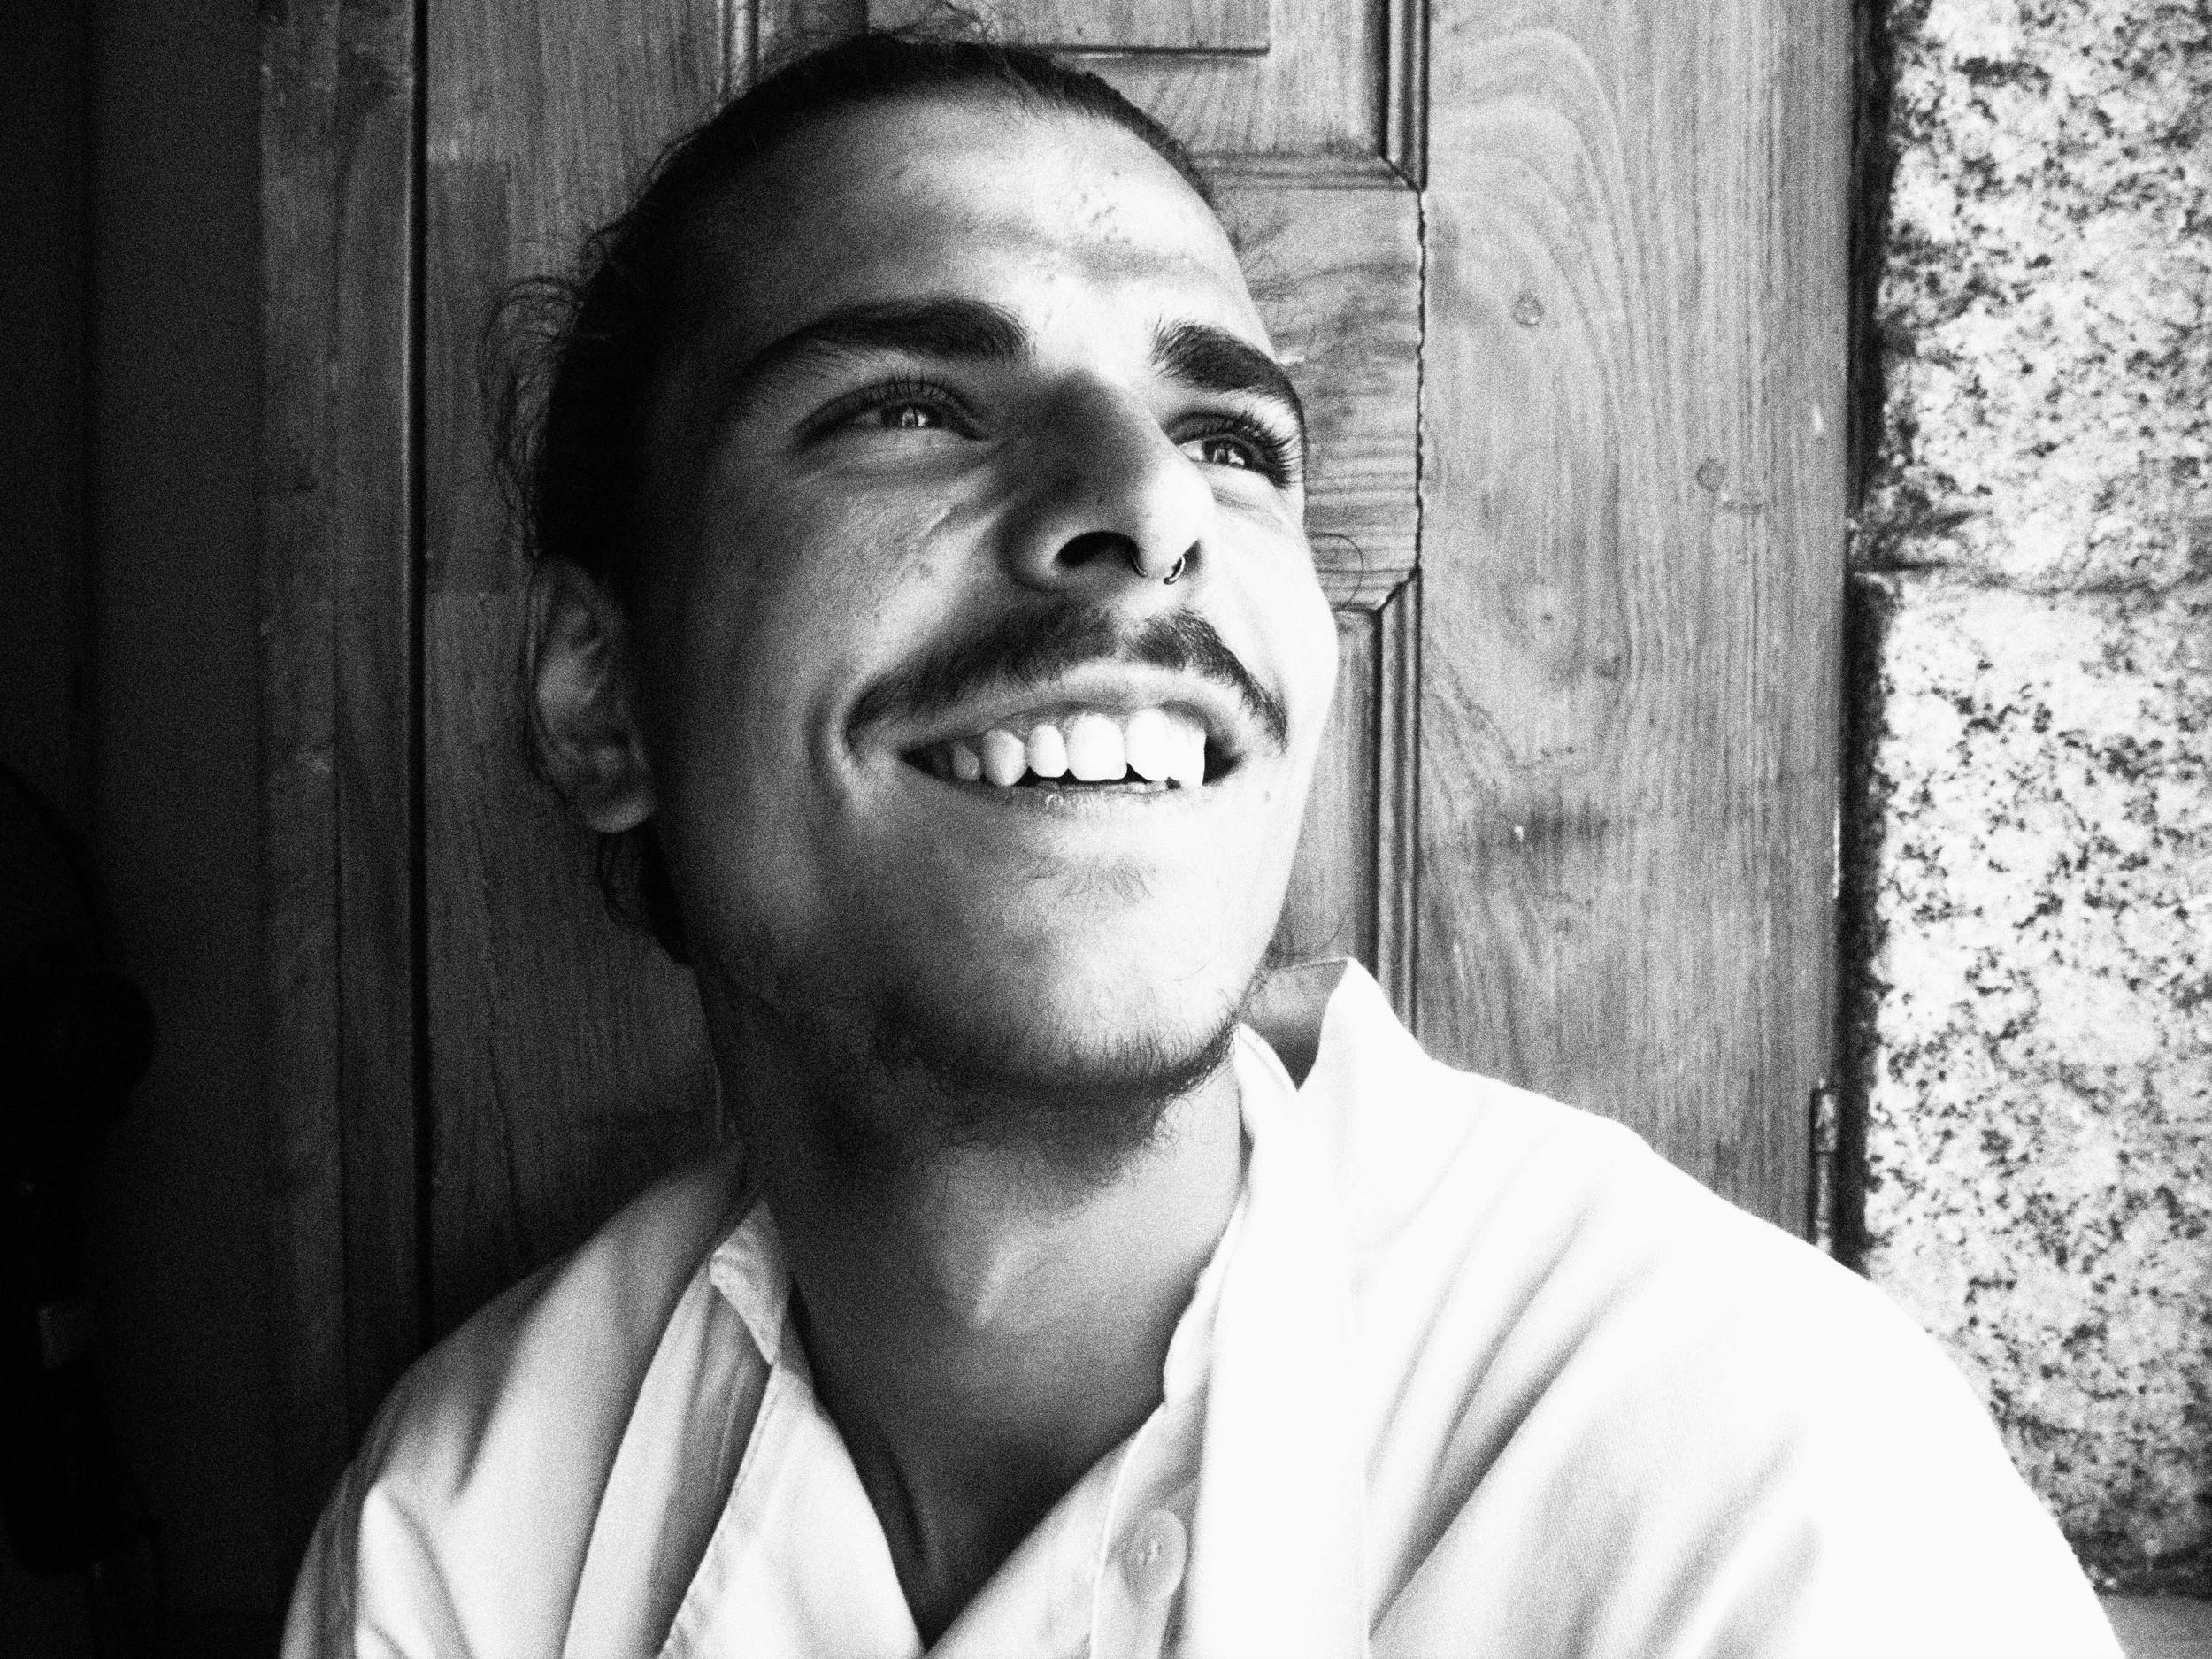 Pedro Miguel Mendes